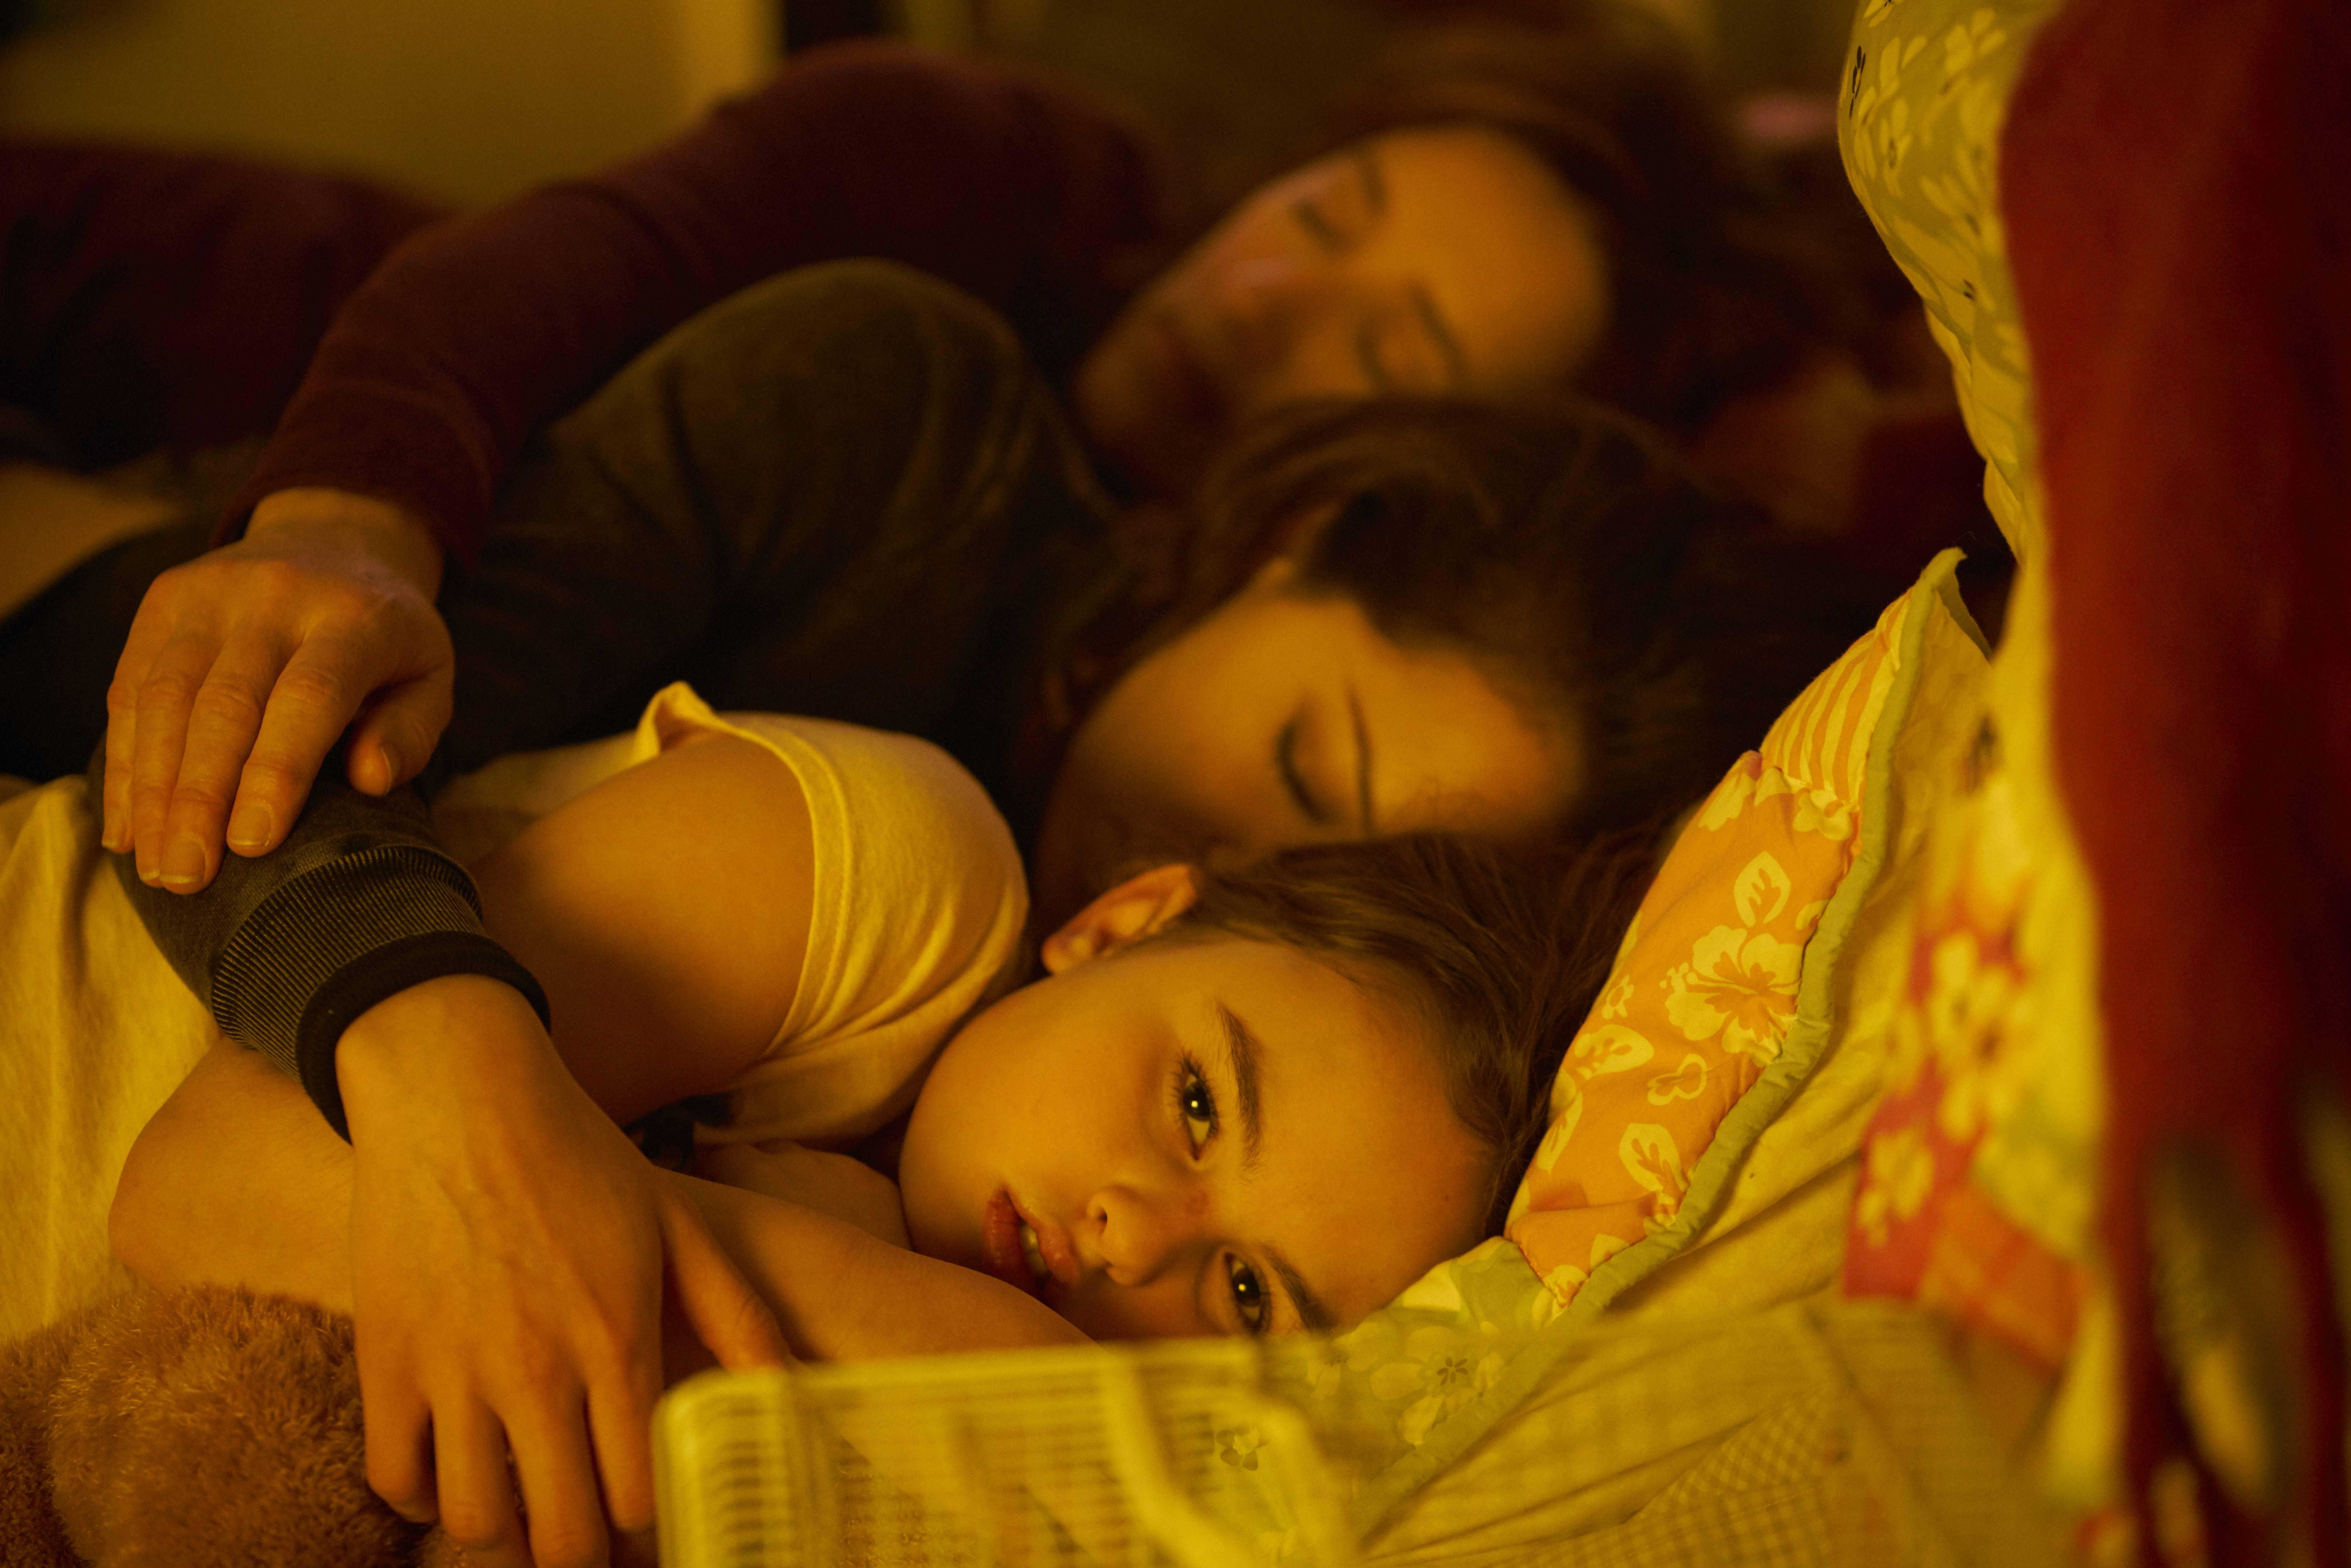 Mrs. S (Maria Doyle Kennedy), Sarah (Tatiana Maslany), and Kira (Skyler Wexler)